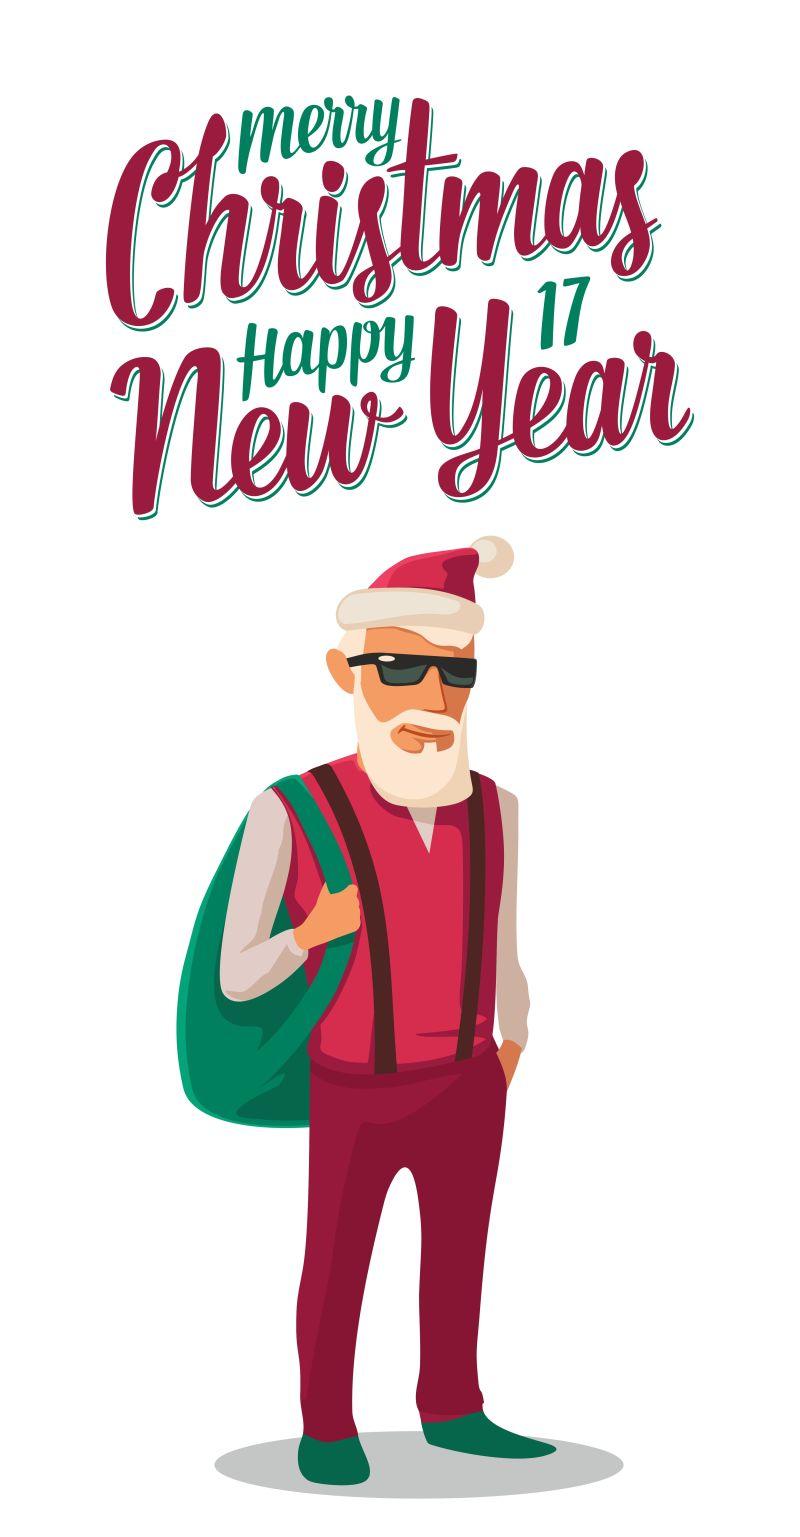 圣诞老人穿着时髦的嬉皮士风格衣服矢量图